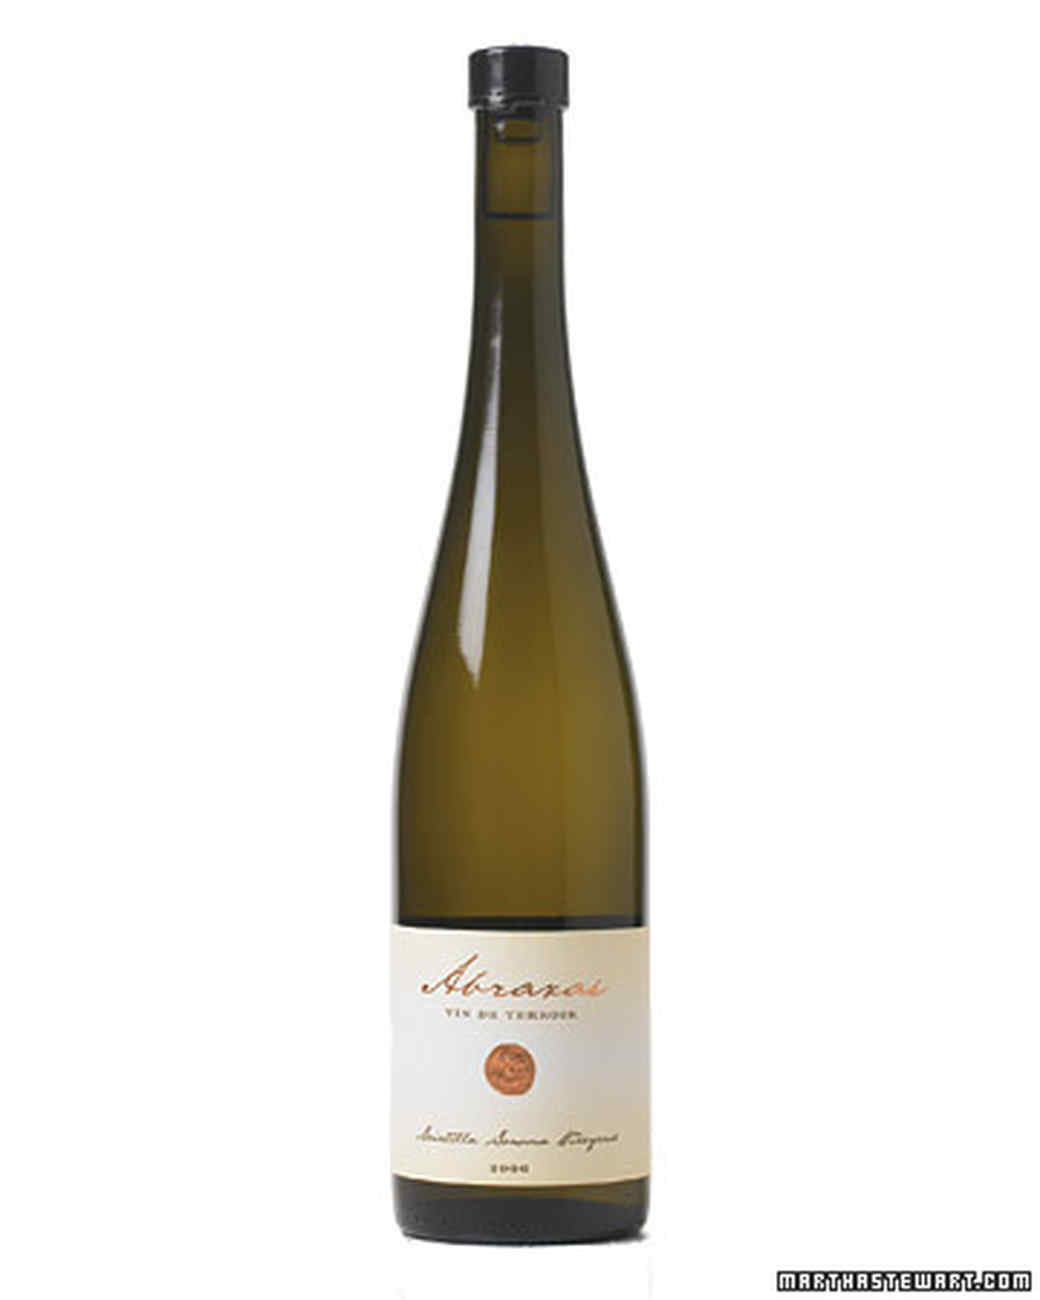 ba103405_1107_wine.jpg